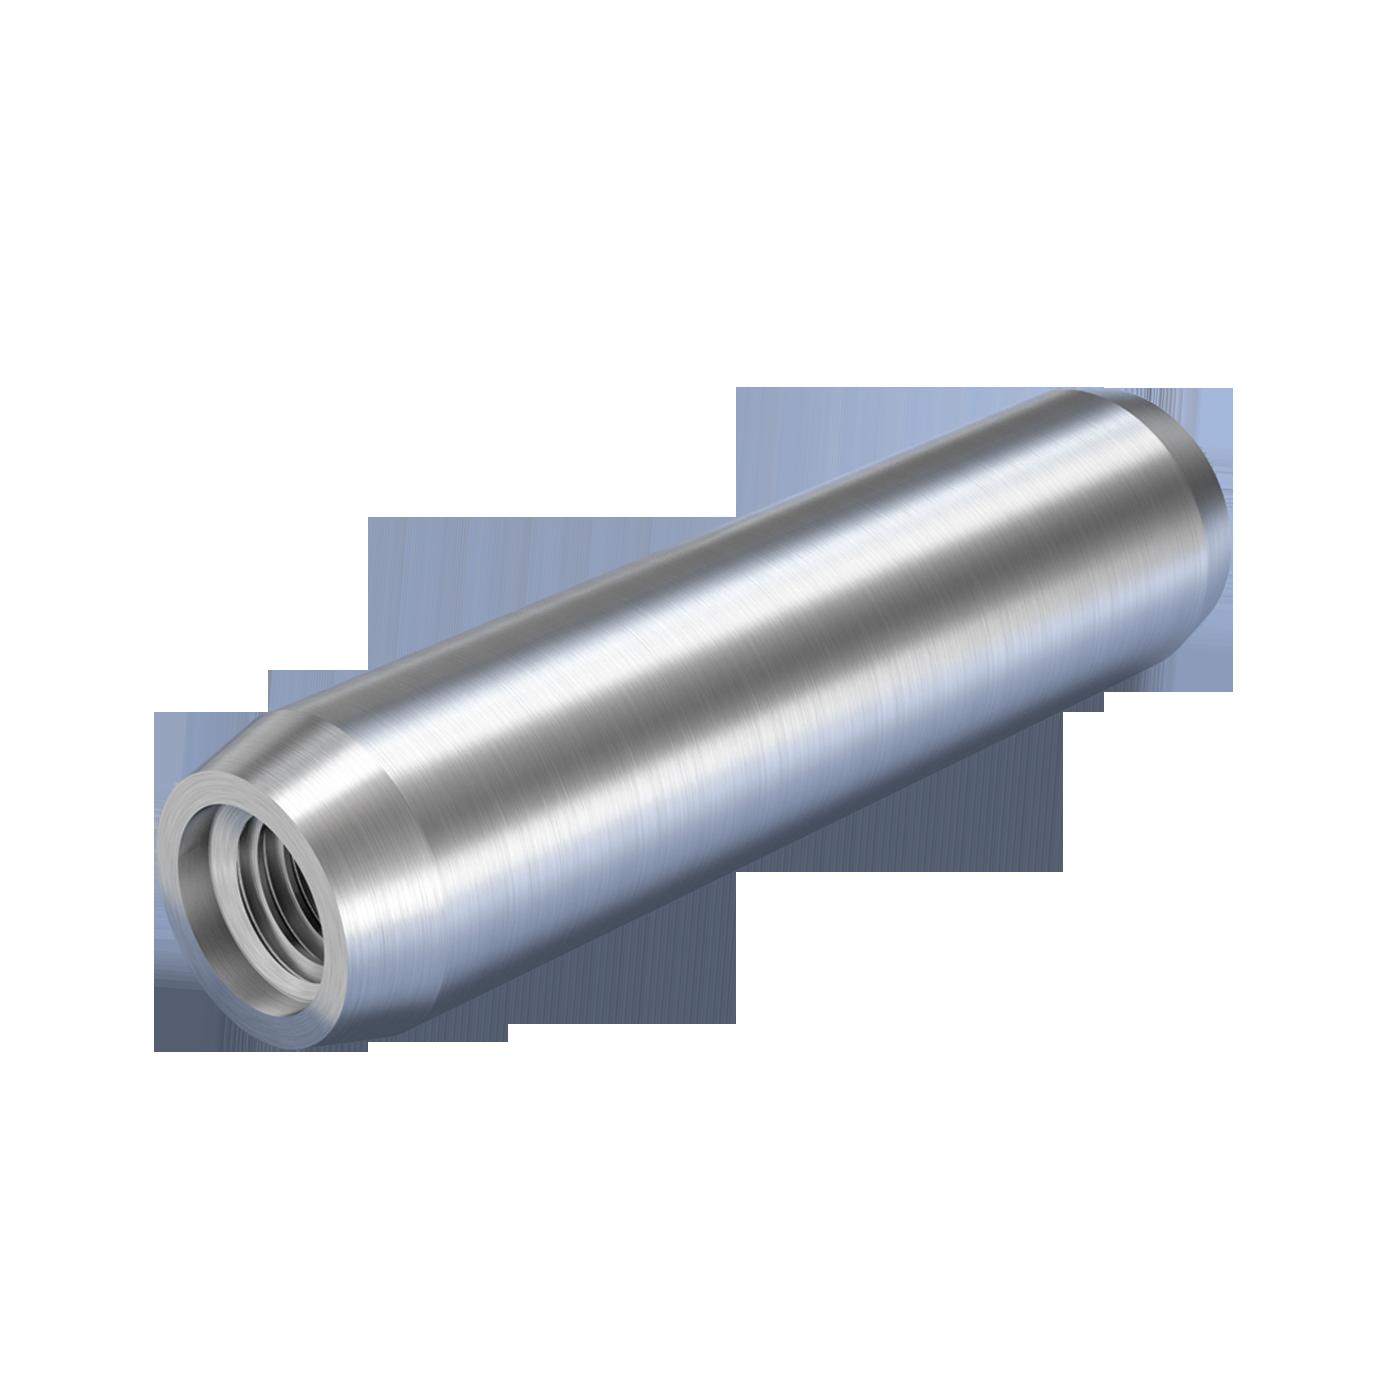 Zylinderstifte mit Innengewinde nach DIN EN ISO 8735 dienen der kraftschlüssigen lagesichernden Verbindung von Bauteilen. Geliefert werden die Teile aus gehärtetem Stahl oder martensitischem nichtrostendem Stahl.